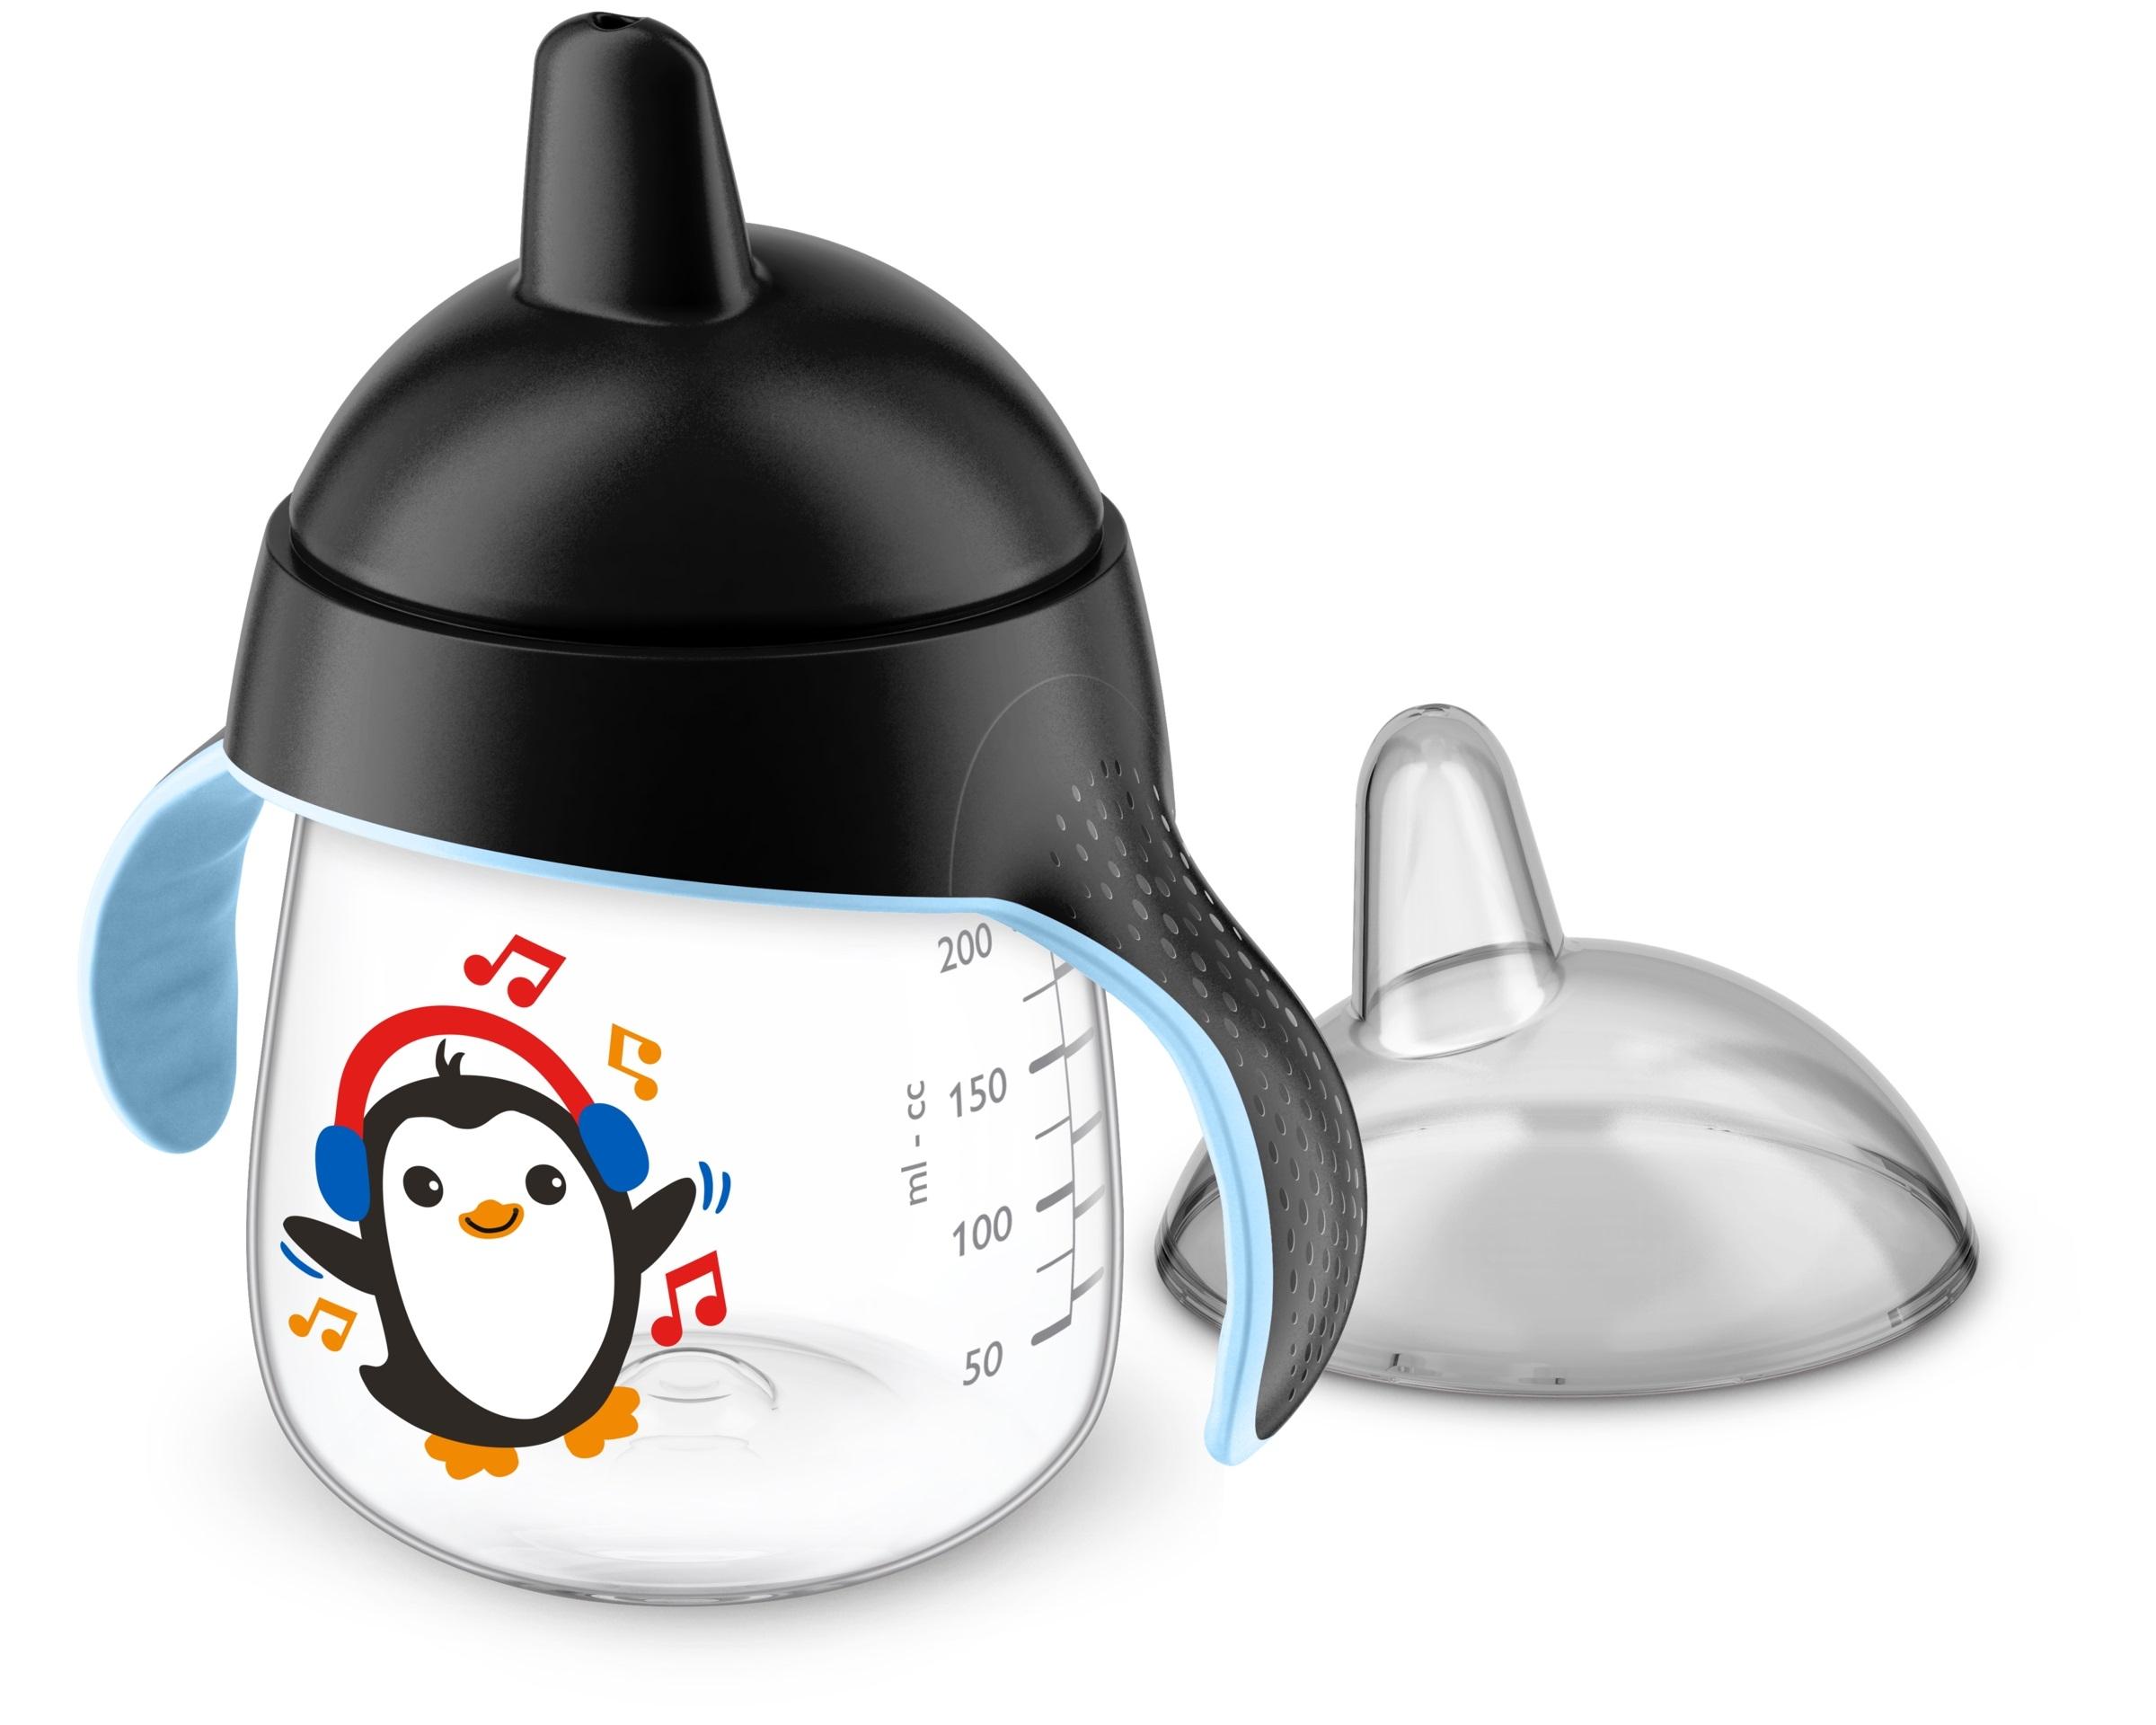 Купить Чашка-непроливайка, черный, 1шт., Philips AVENT SCF753_03, Индонезия, black